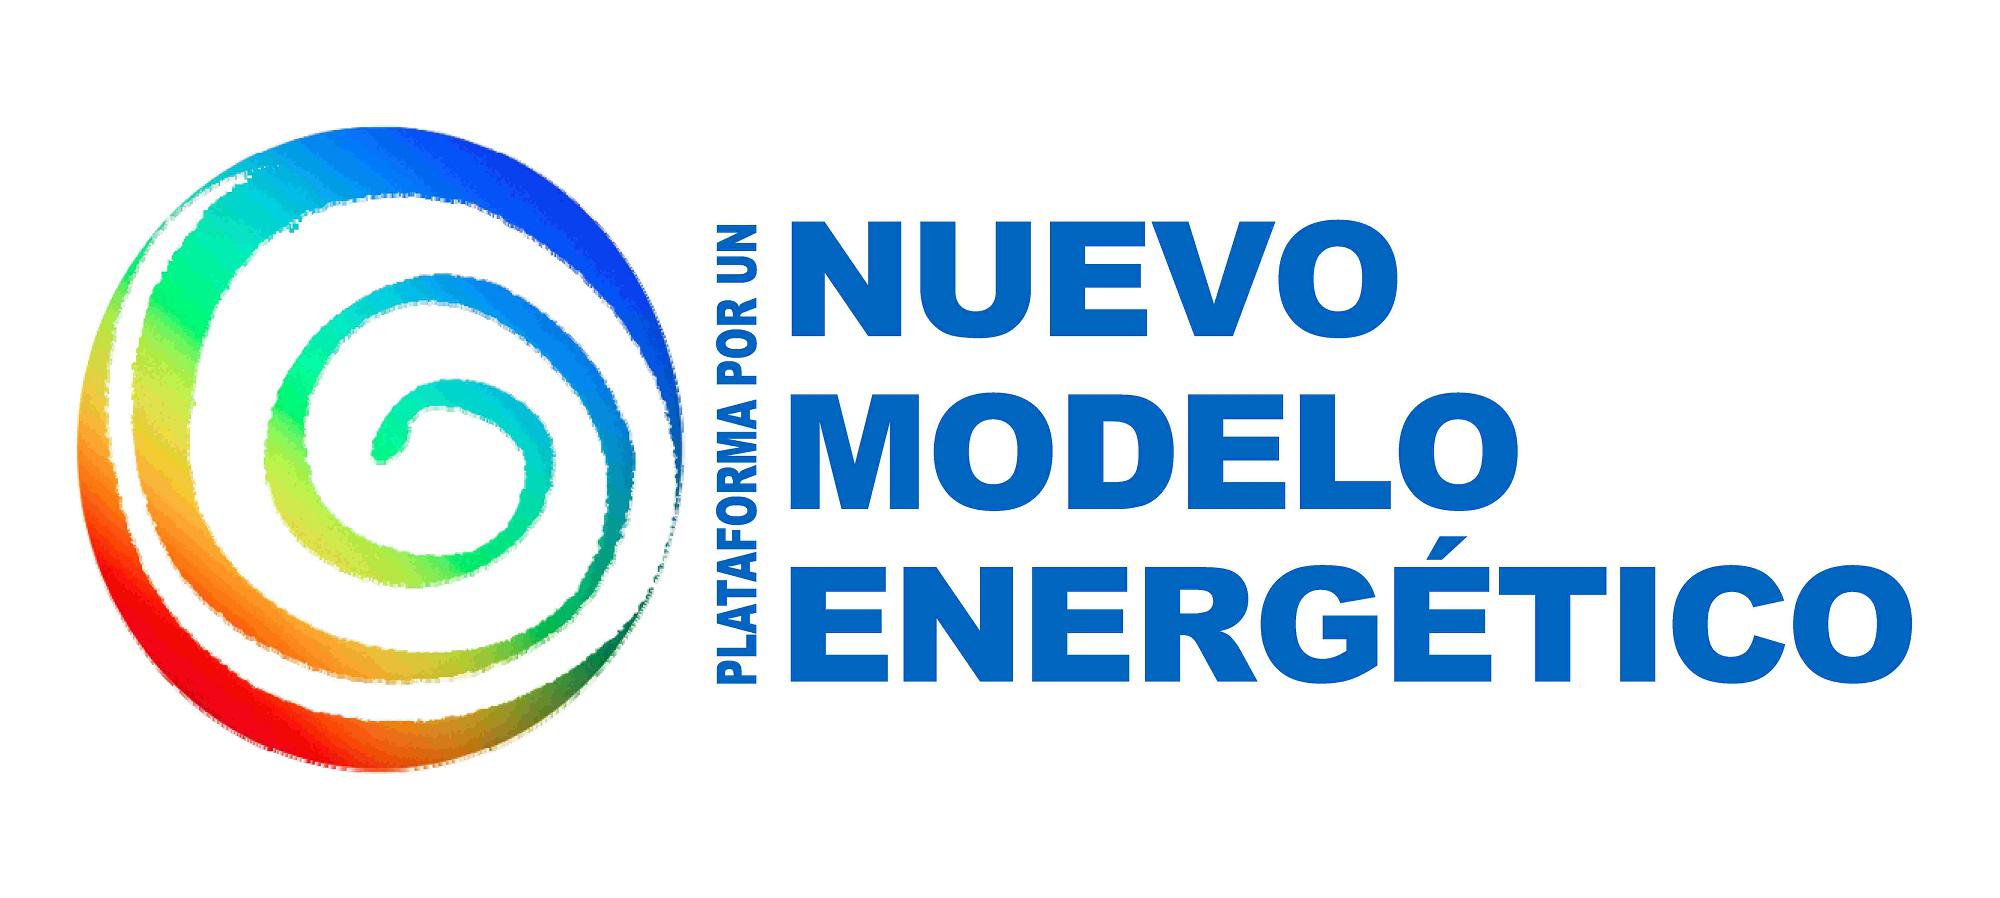 Px1NME logo